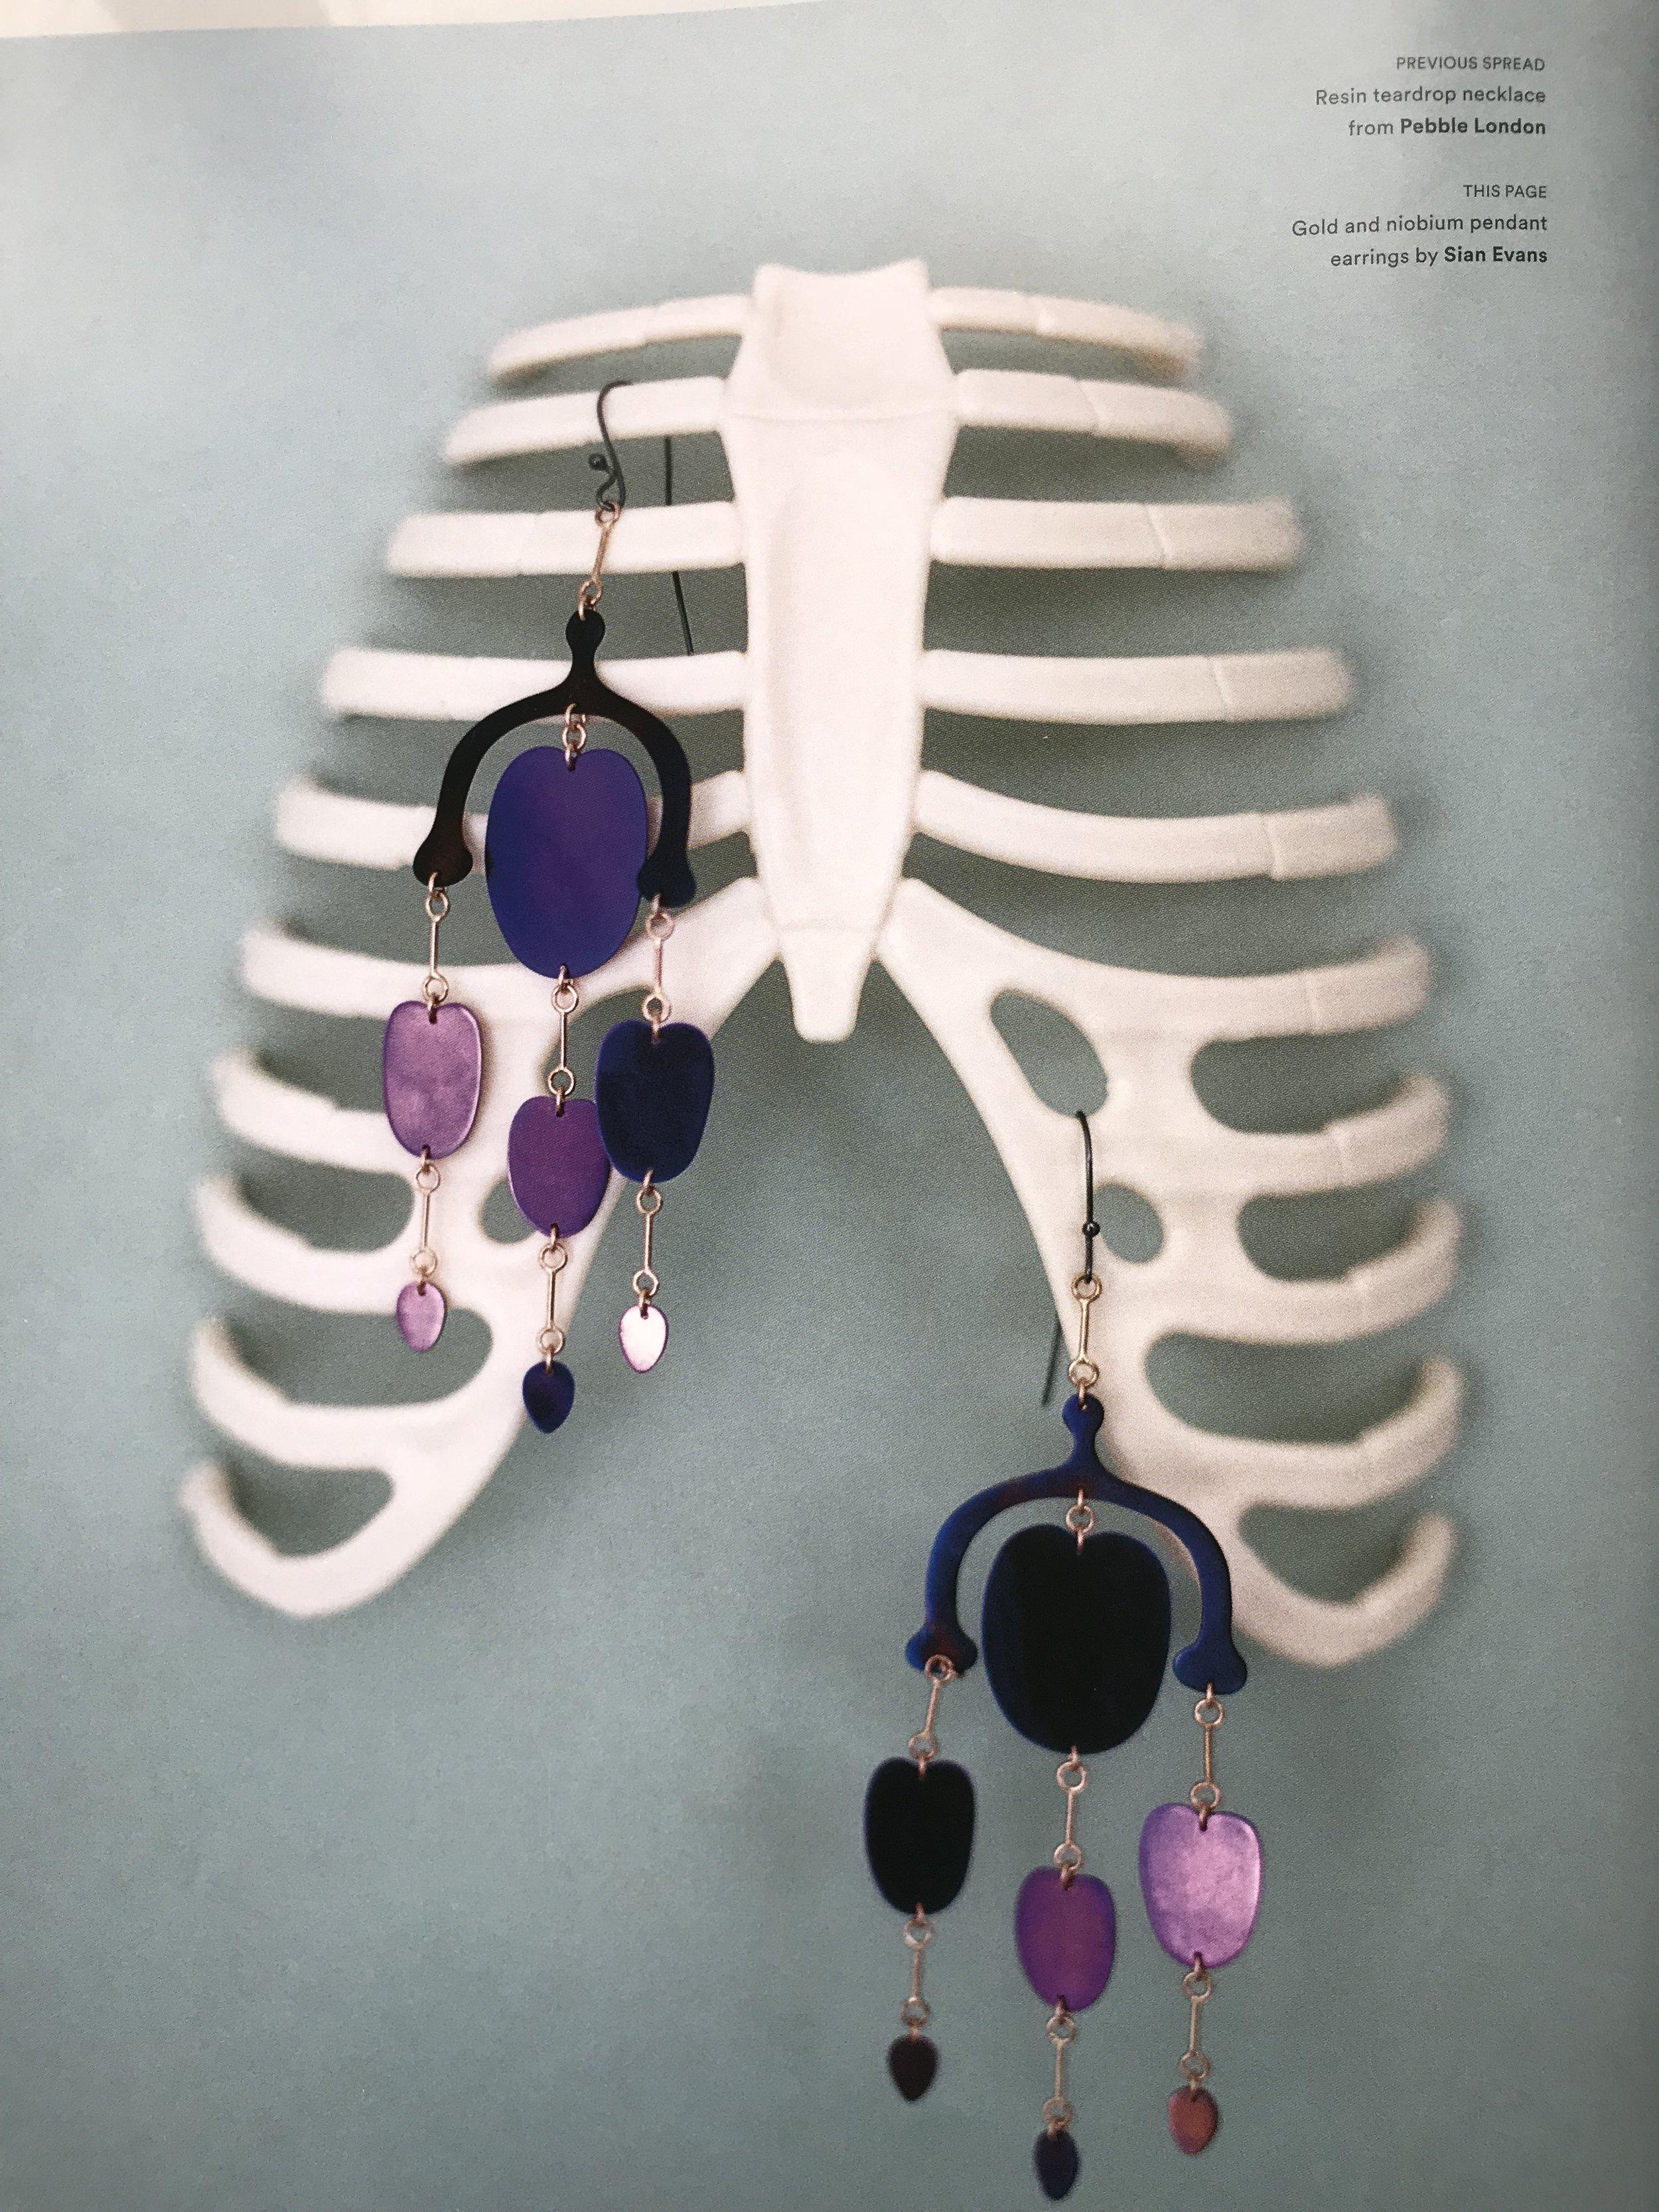 Botany, Gynoecium earrings: Pylot Magazine issue 7 AW17